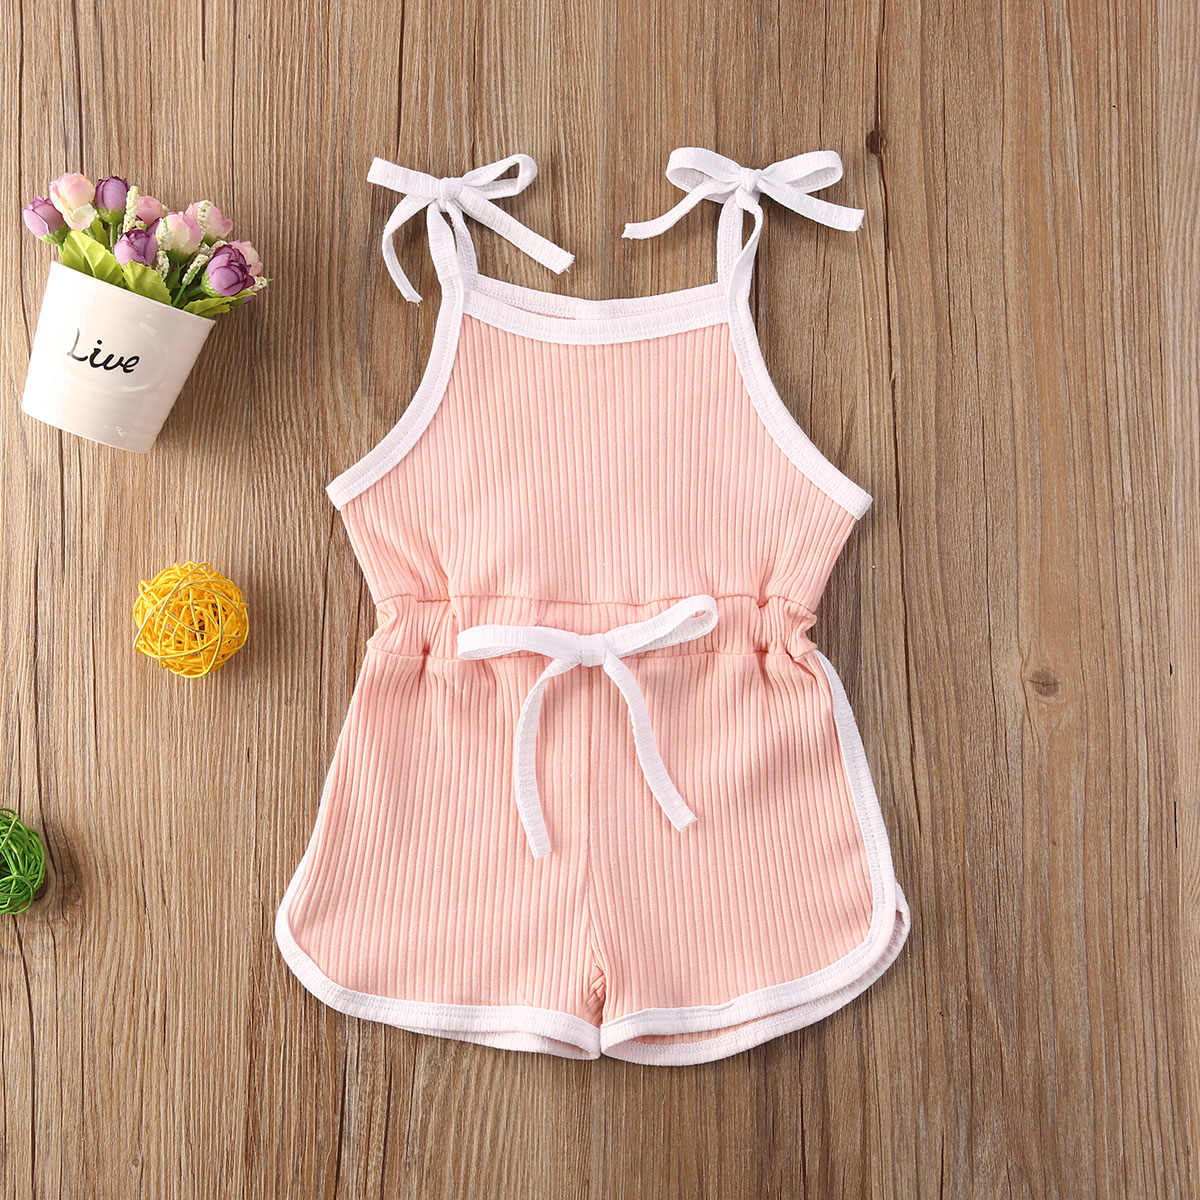 Barboteuse d'été sans manches pour bébés 0-5 ans   Salopette pour filles, solide, combinaisons à ceinture, beaux vêtements 4 couleurs